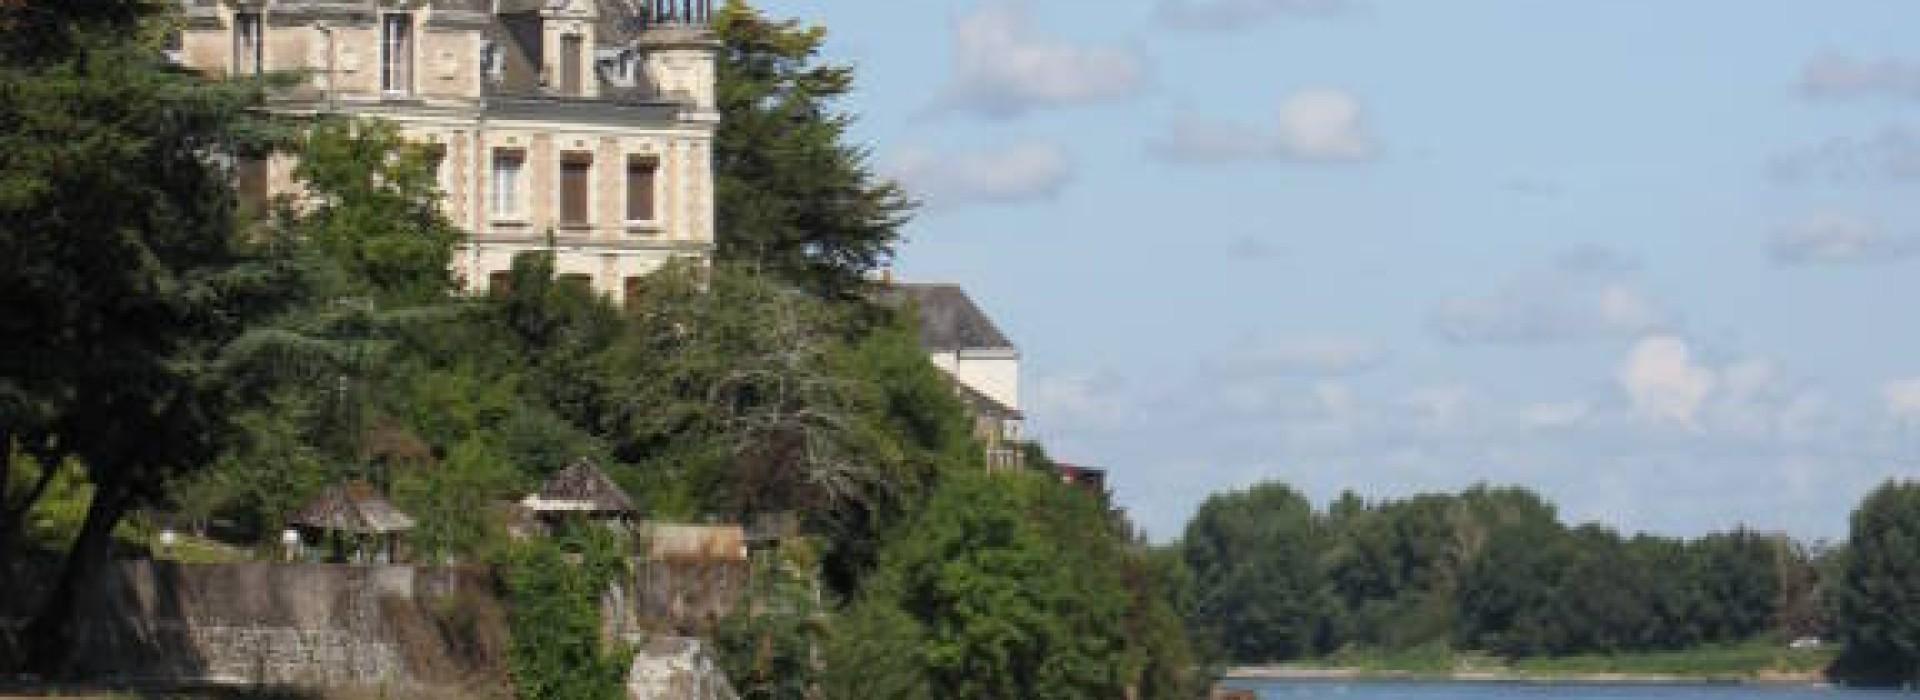 Couleur De Pierre Chalonnes Sur Loire chalonnes-sur-loire - circuit du coteau saint-vincent: a